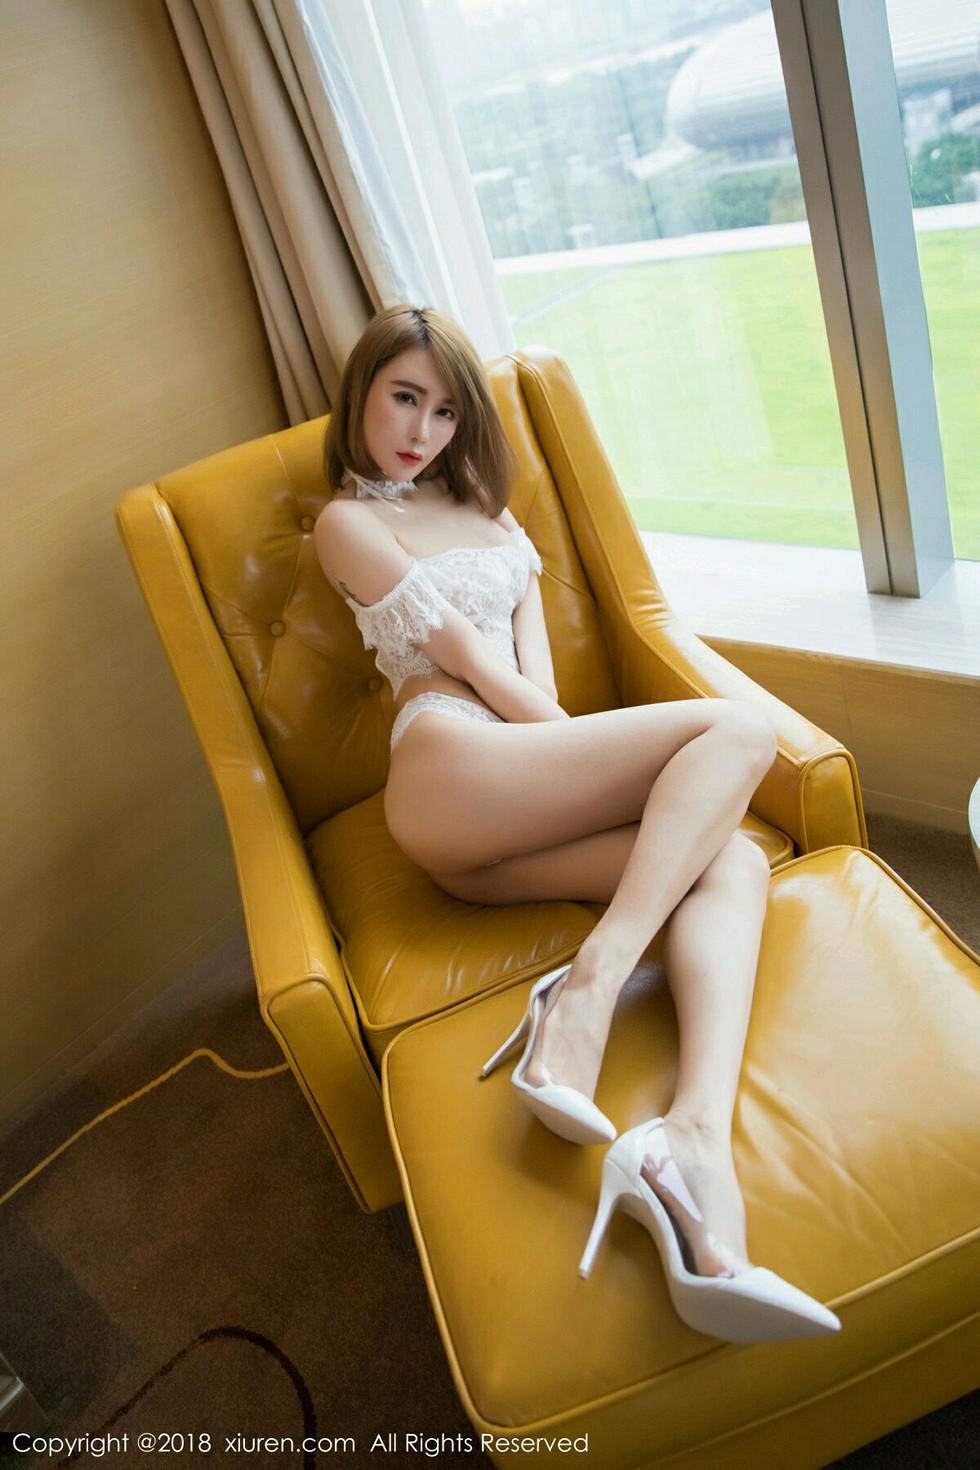 嫩模楚恬Olivia白色蕾丝内衣+浴室连体衣湿身诱惑无圣光写真58P